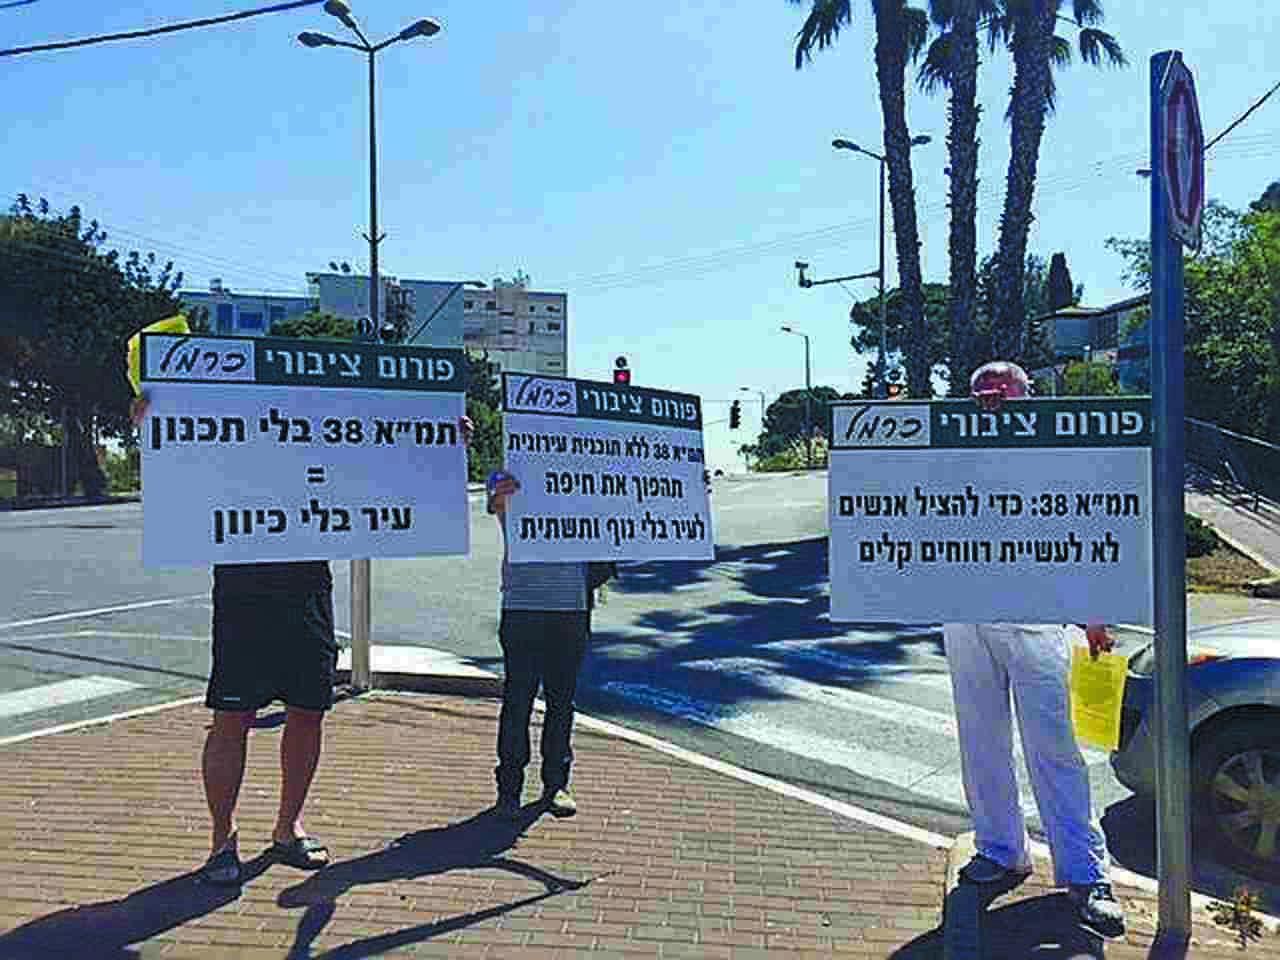 """הפגנת תושבים נגד תמ""""א 38 (צילום: שושן מנולה)"""